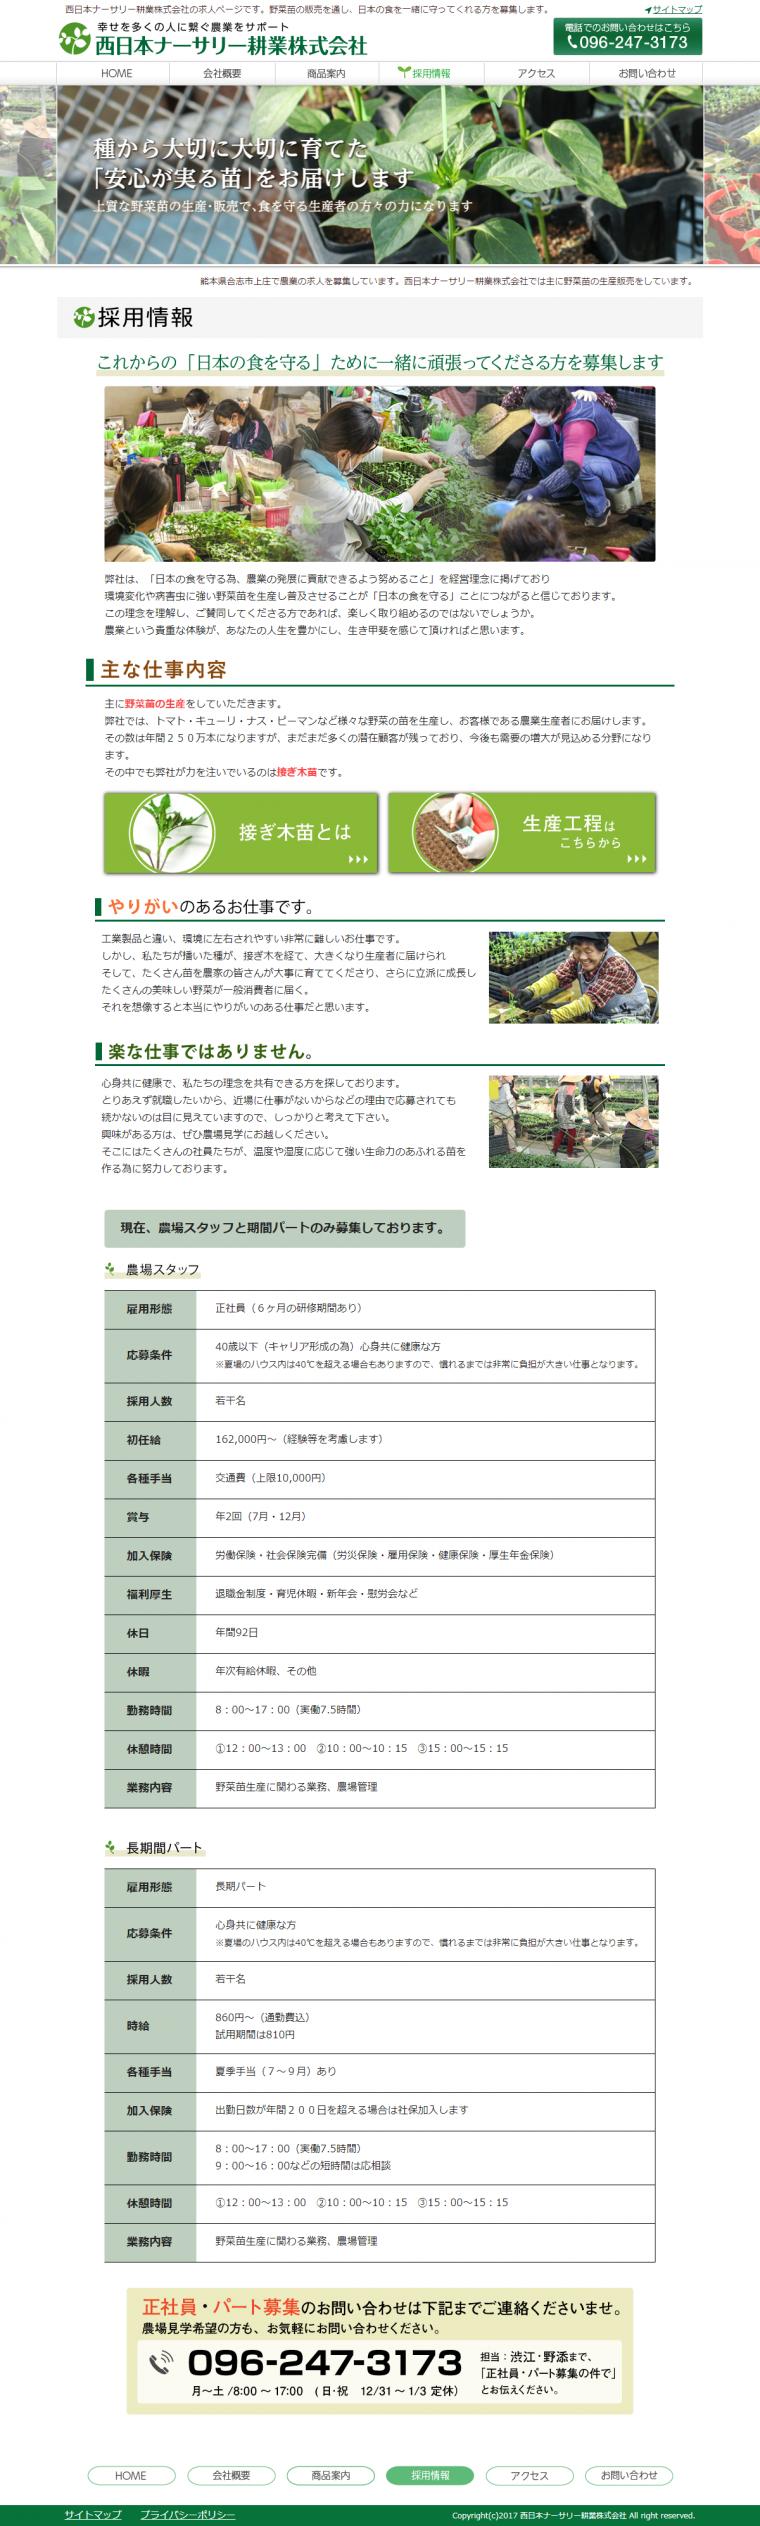 西日本ナーサリー耕業株式会社